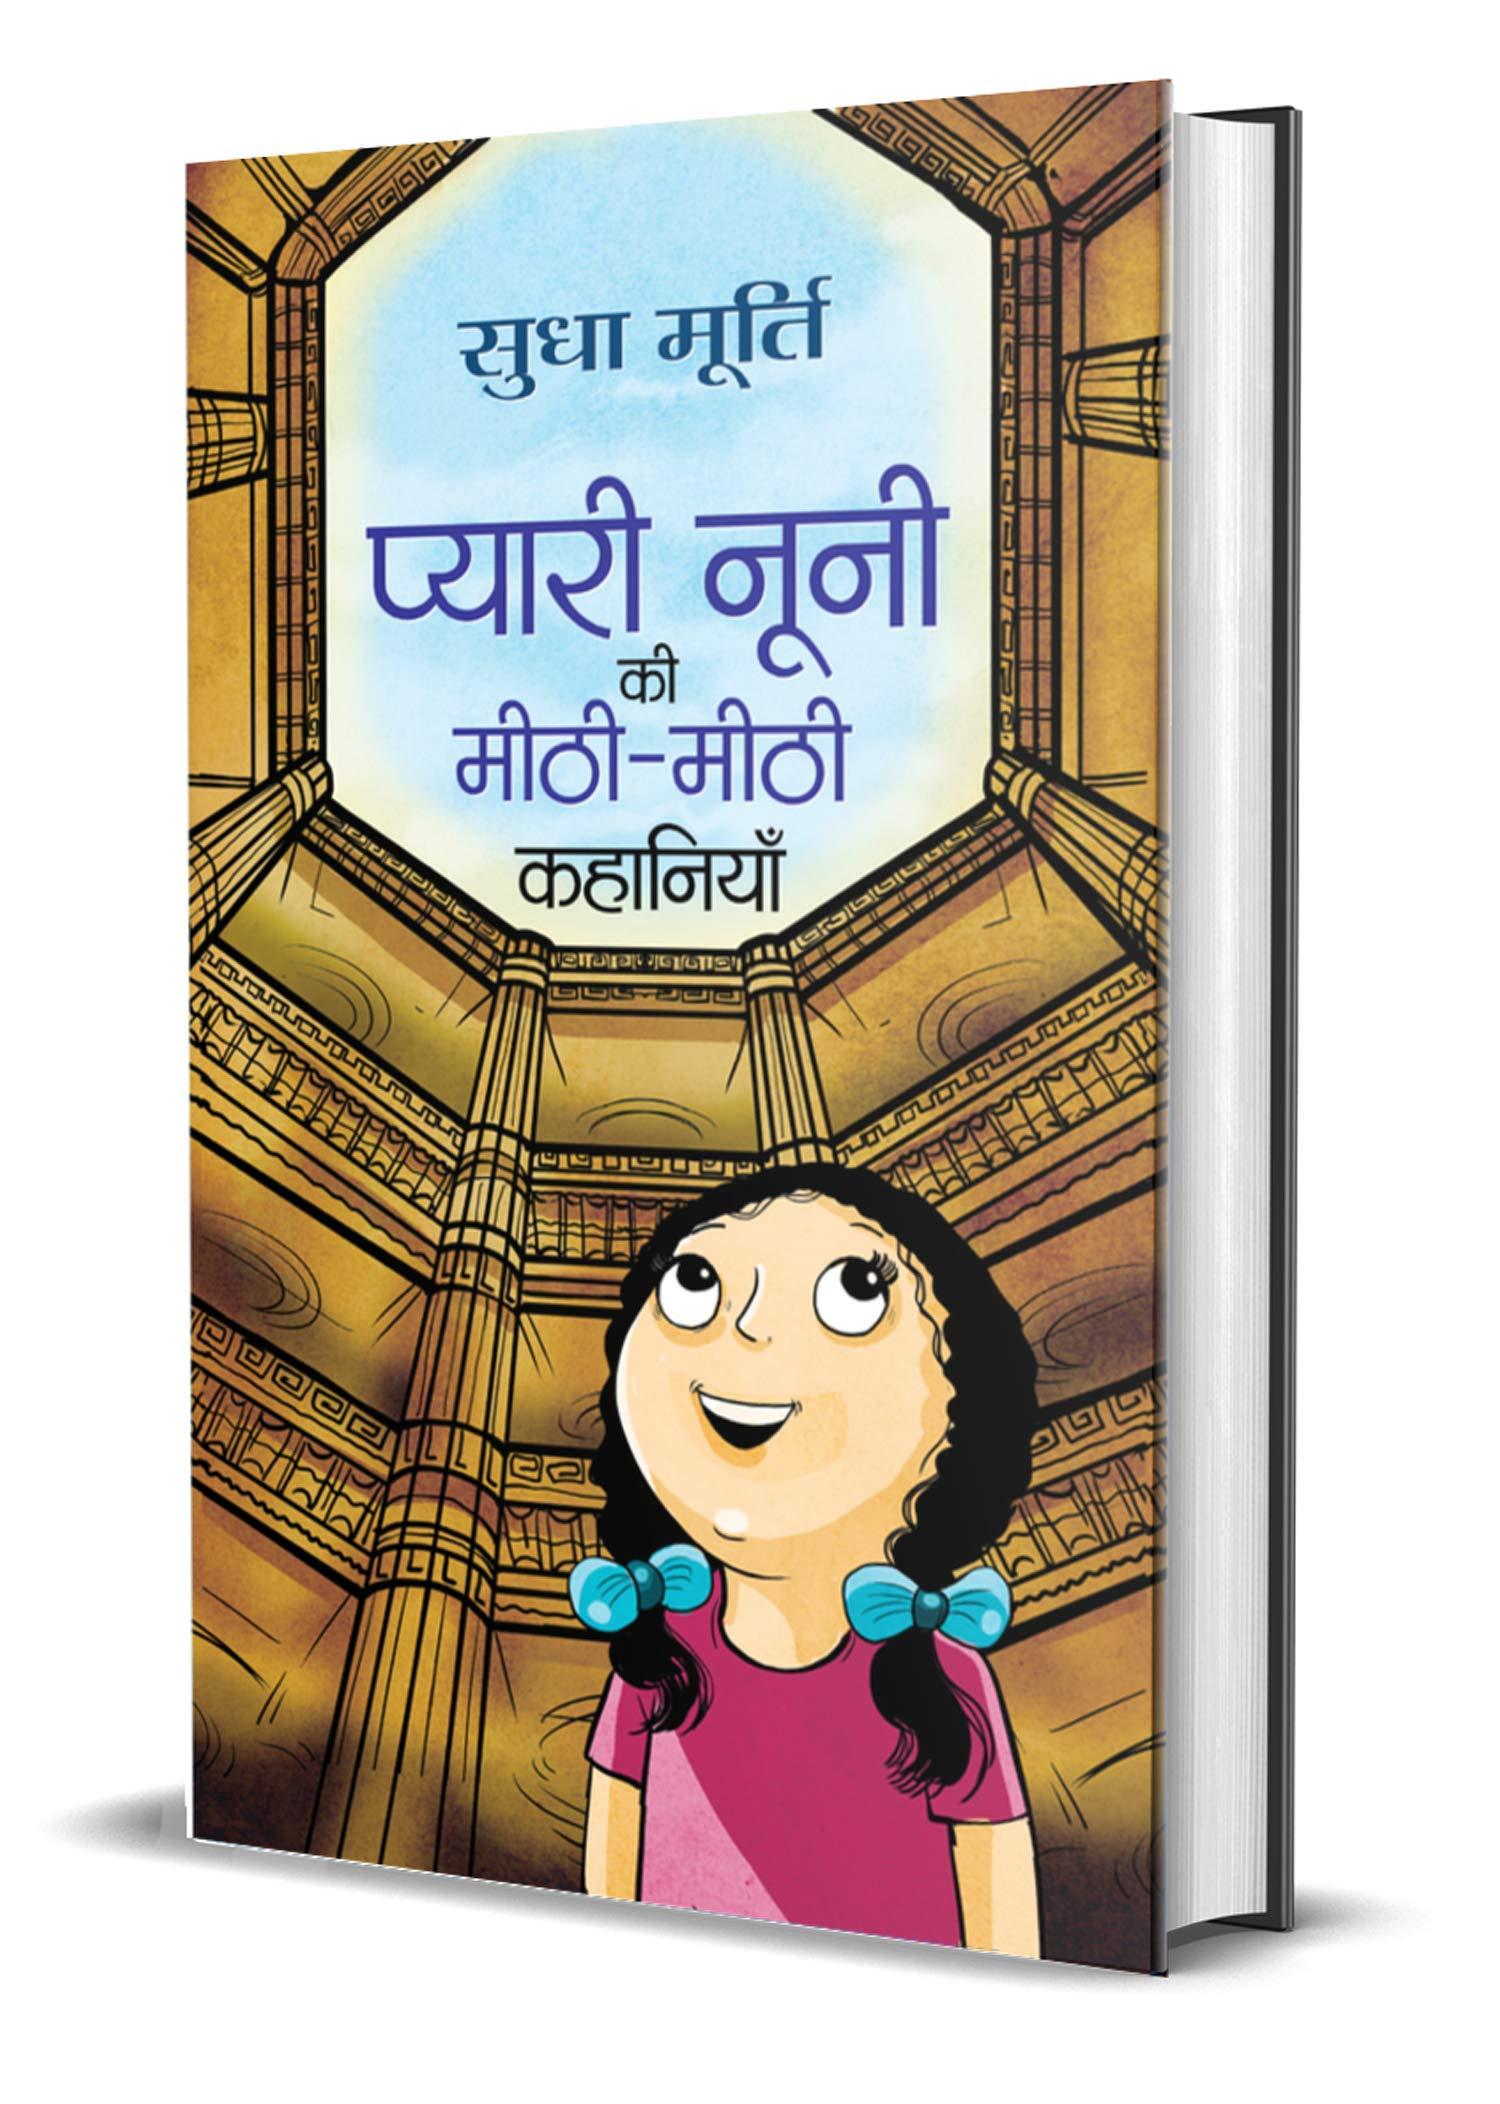 Pyari Nooni Ki Meethi-Meethi Kahaniyan (hindi)